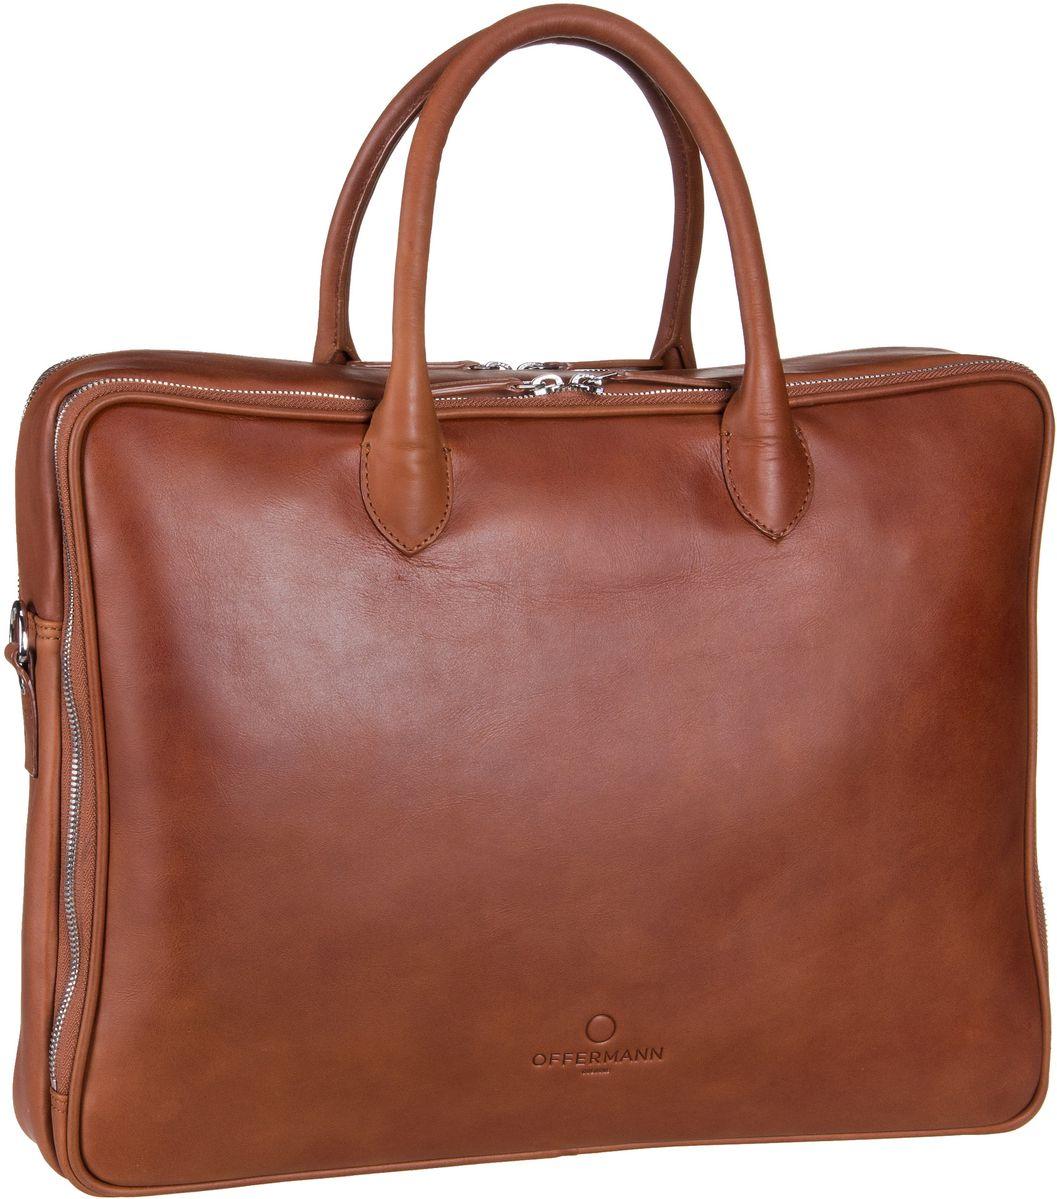 Businesstaschen für Frauen - Offermann Aktentasche Workbag Slim Fine Cognac (9 Liter)  - Onlineshop Taschenkaufhaus